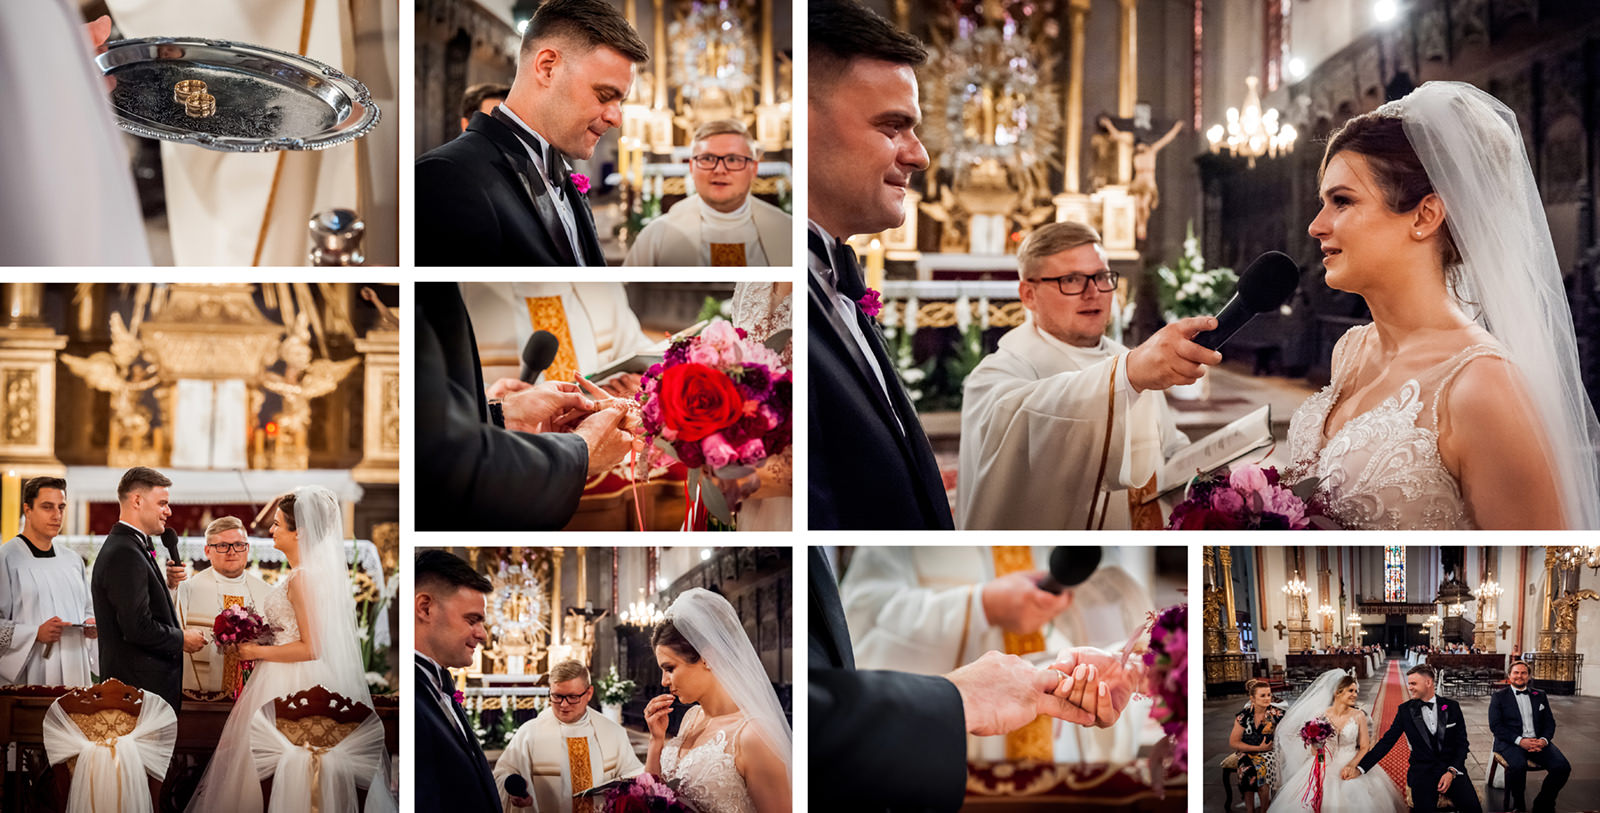 Ważne aby podczas przysięgi małżeńskiej fotograf pokazał zarówno detale obrączek jak i plan ogólny. W reportażu ślubnym powinny znaleźć się zarówno zbliżenia na emocje pary młodej jak i całe sylwetki na tle ołtarza i kapłana udzielającego ślubu.